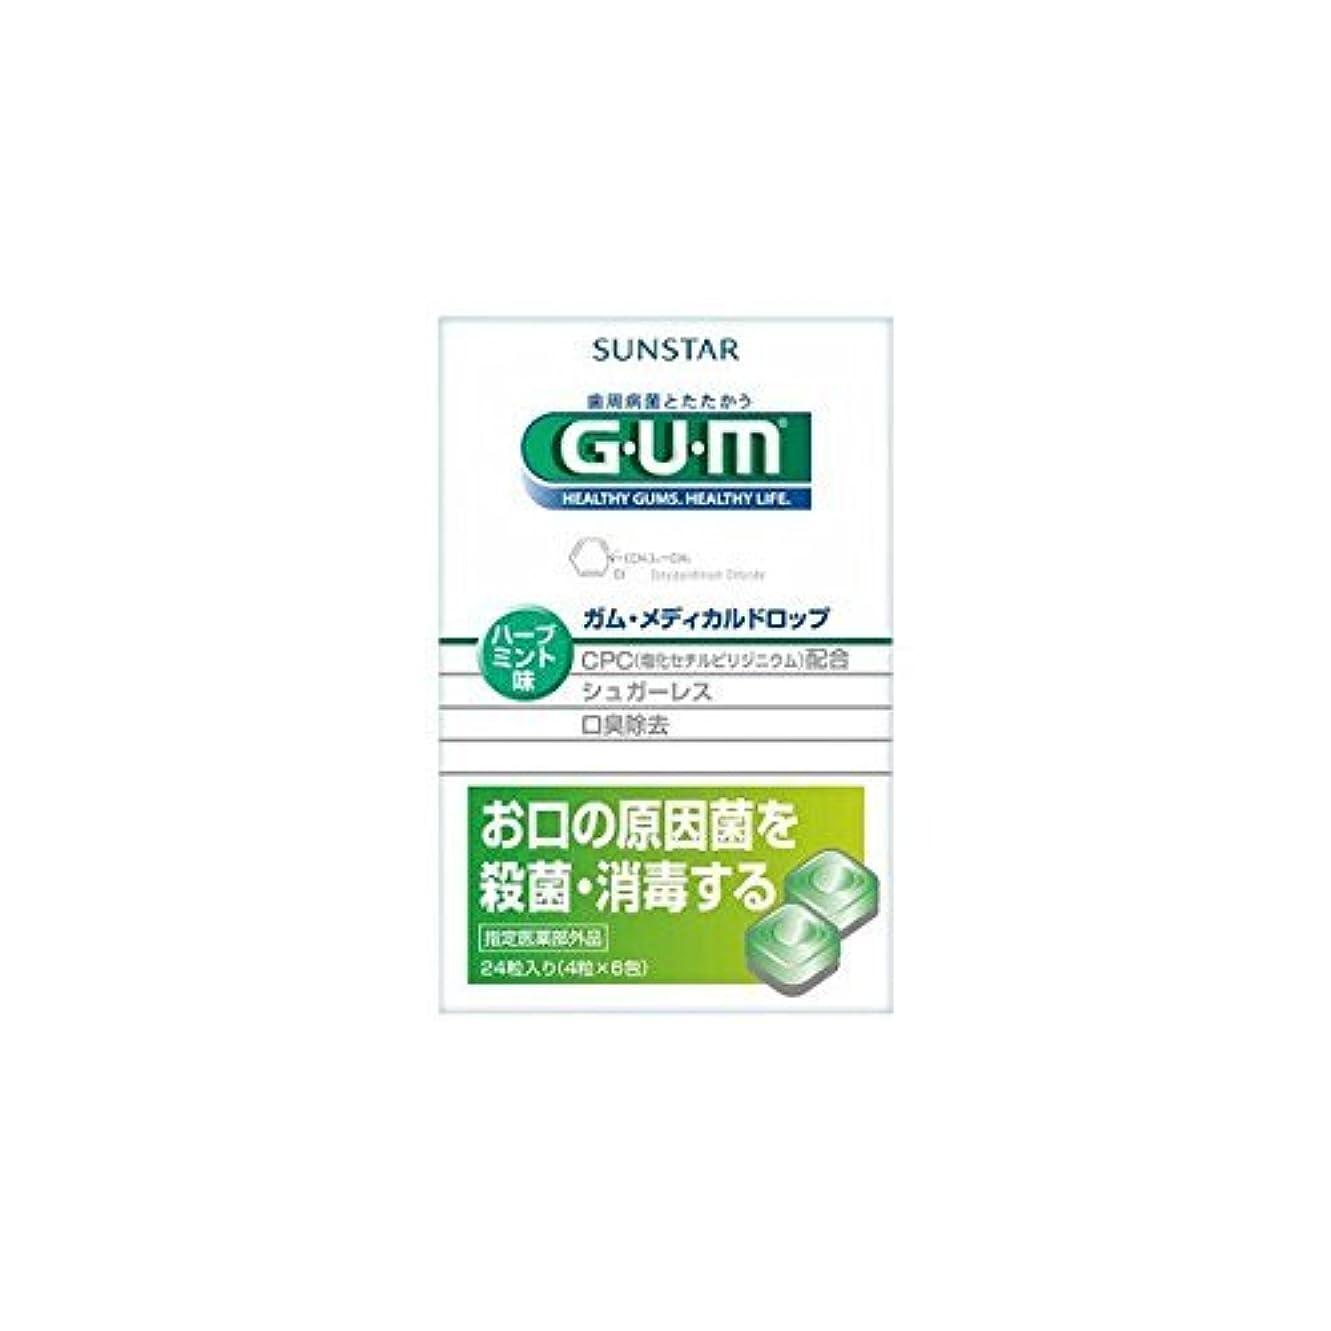 幹縫うポイント【5個セット】 GUM(ガム) メディカルドロップ ハーブミント 24粒